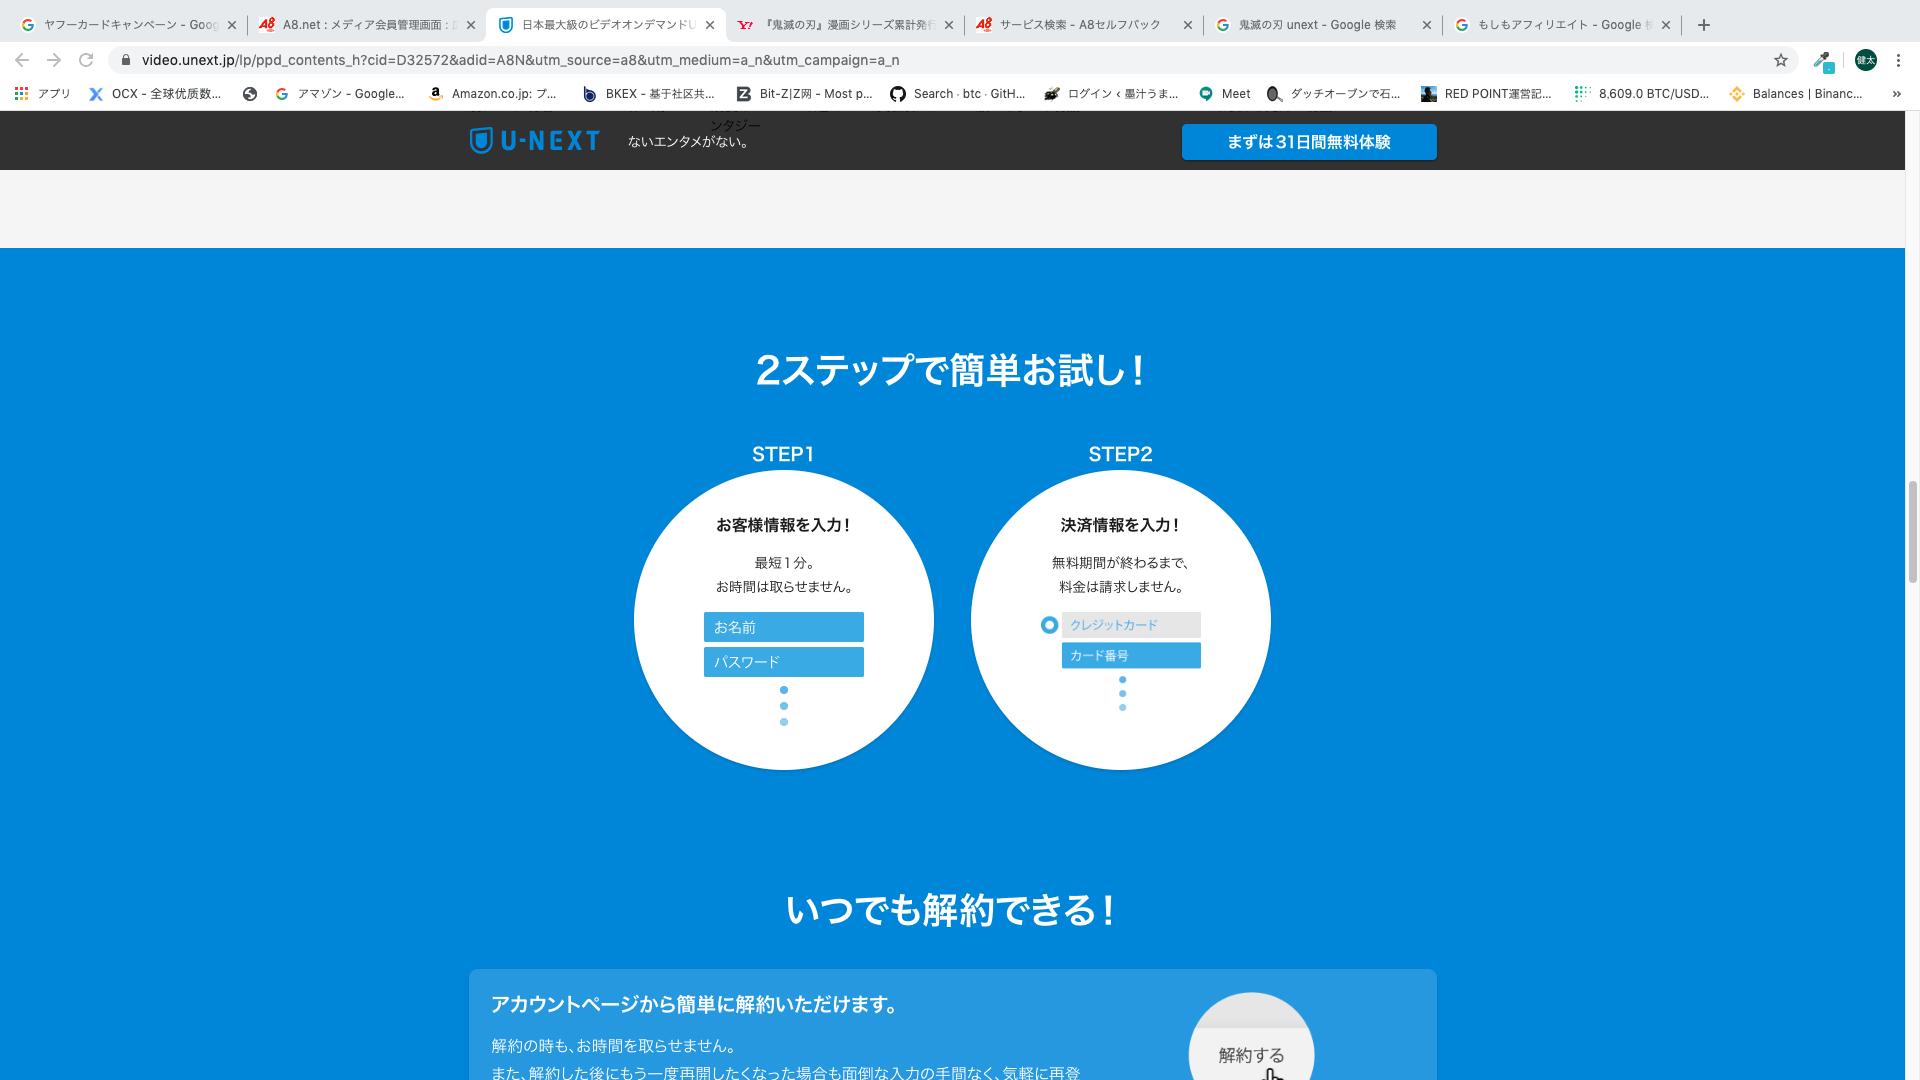 スクリーンショット 2020-03-02 23.23.26(2)